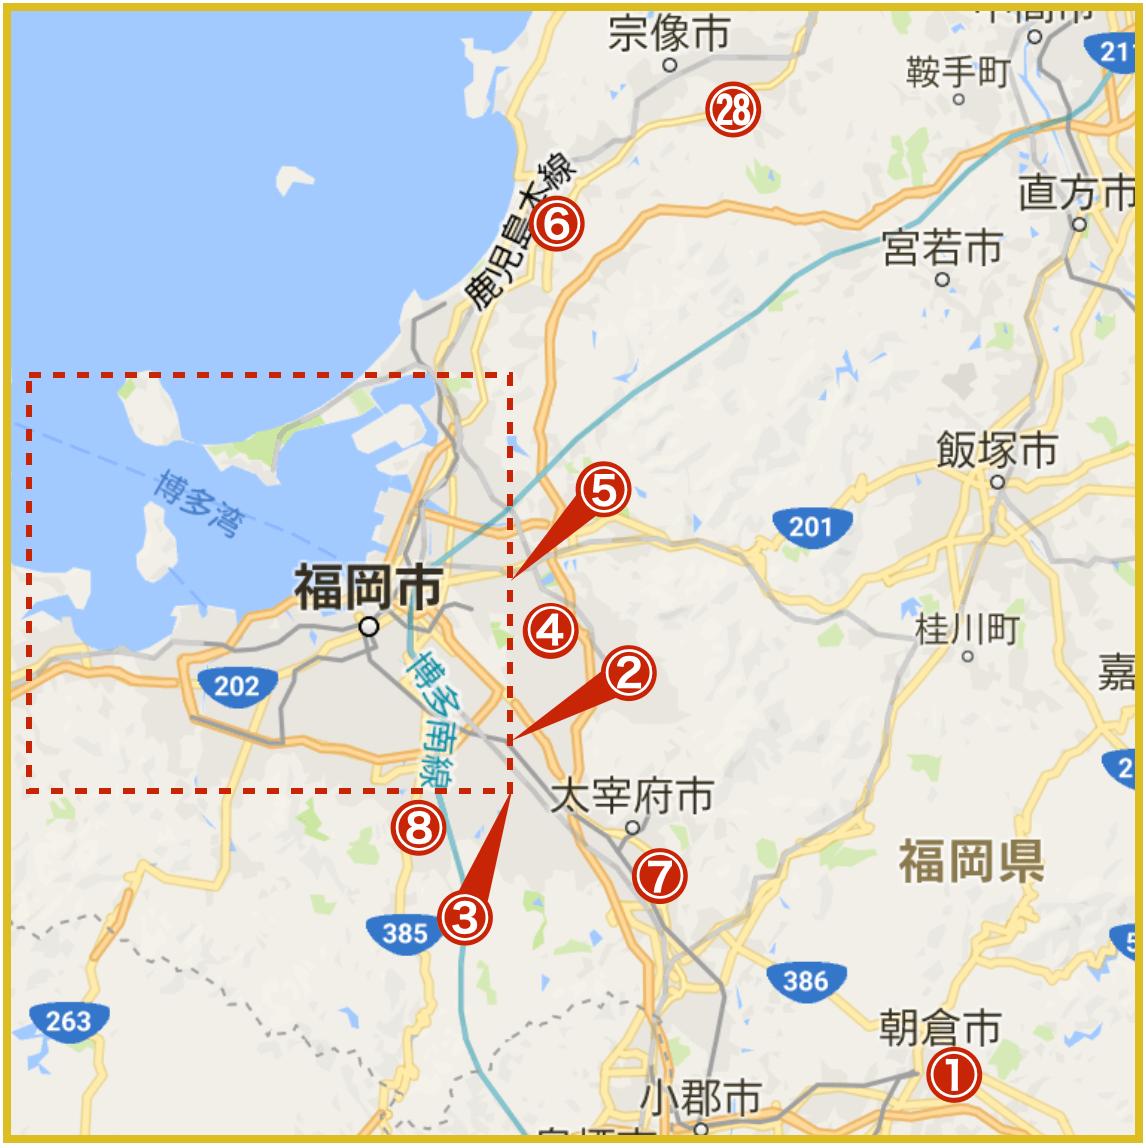 福岡県福岡地域にあるプロミス店舗・ATMの位置(2020年版)